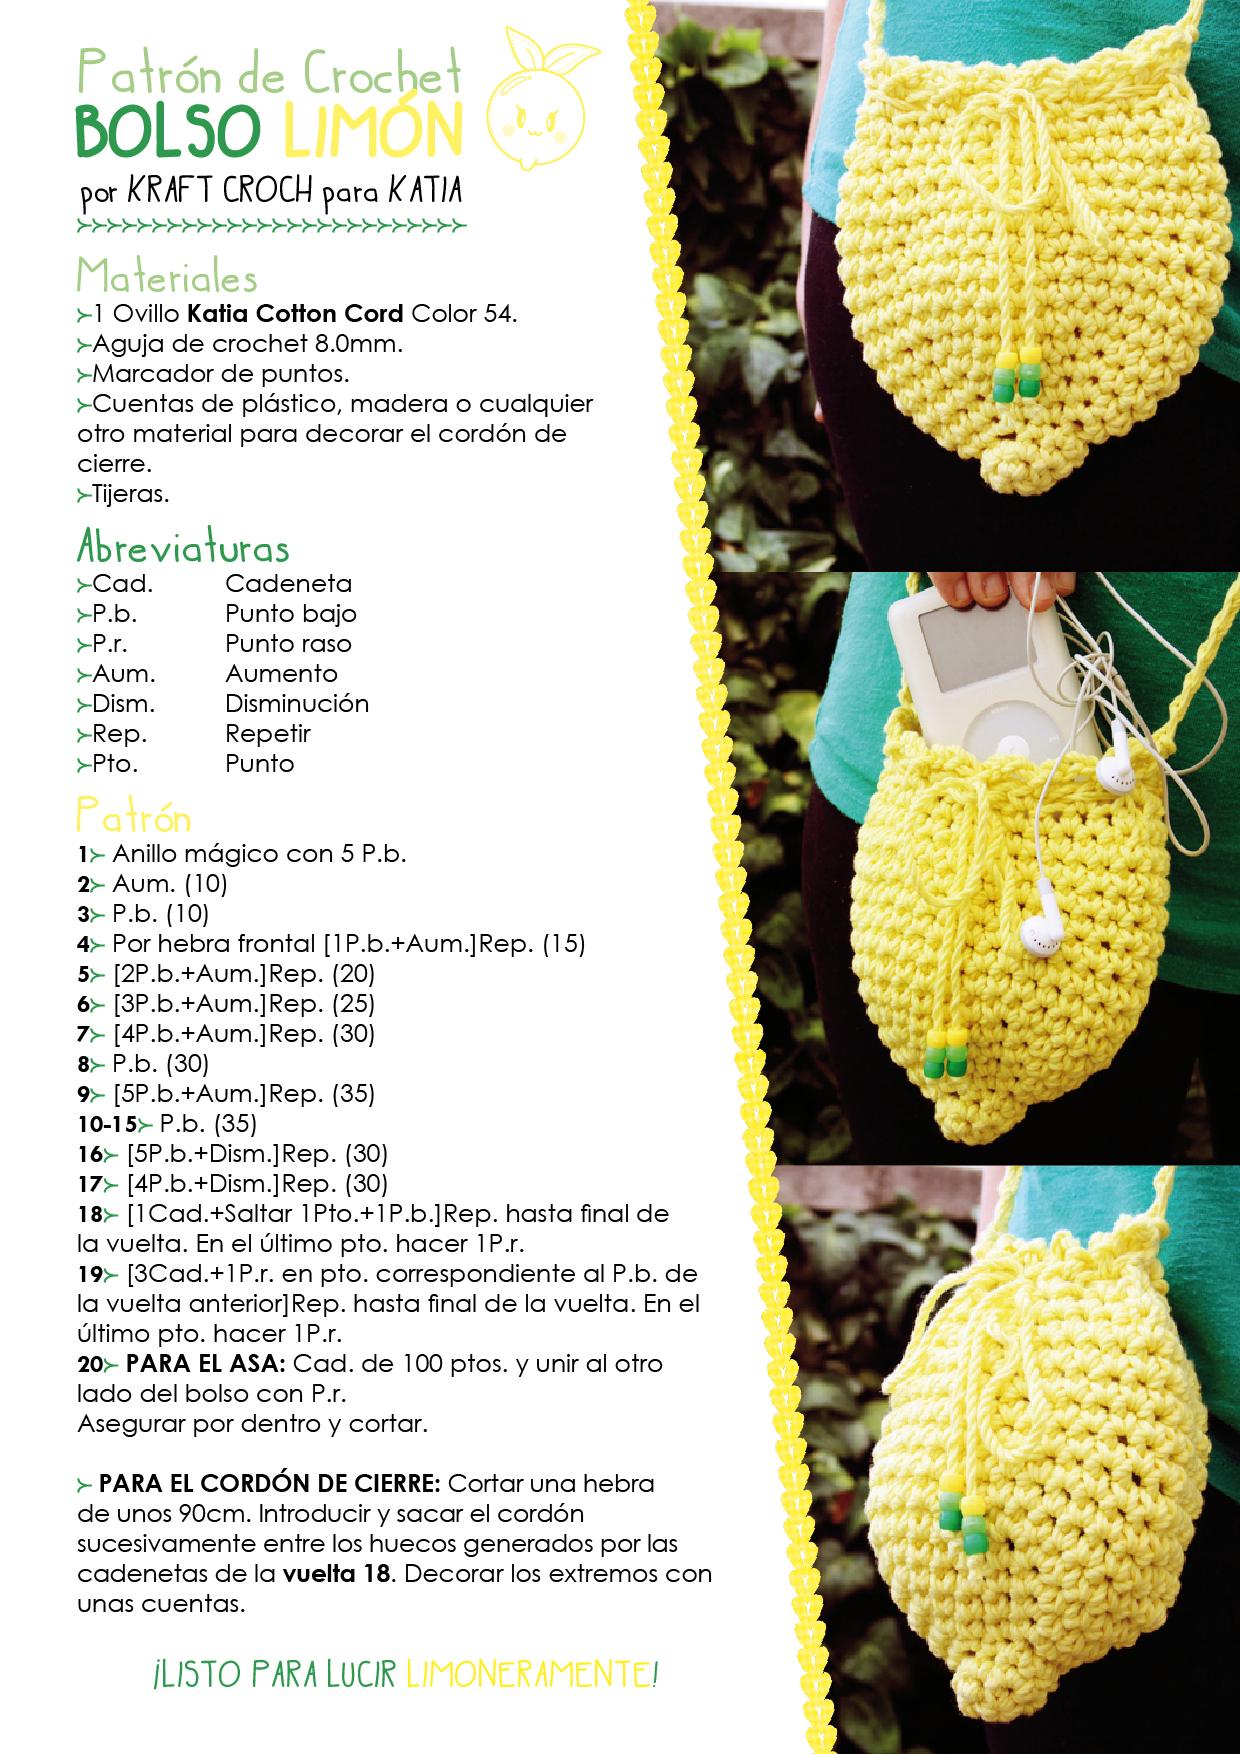 patrón bolso limón 02 - Katia Blog Lanas y Telas